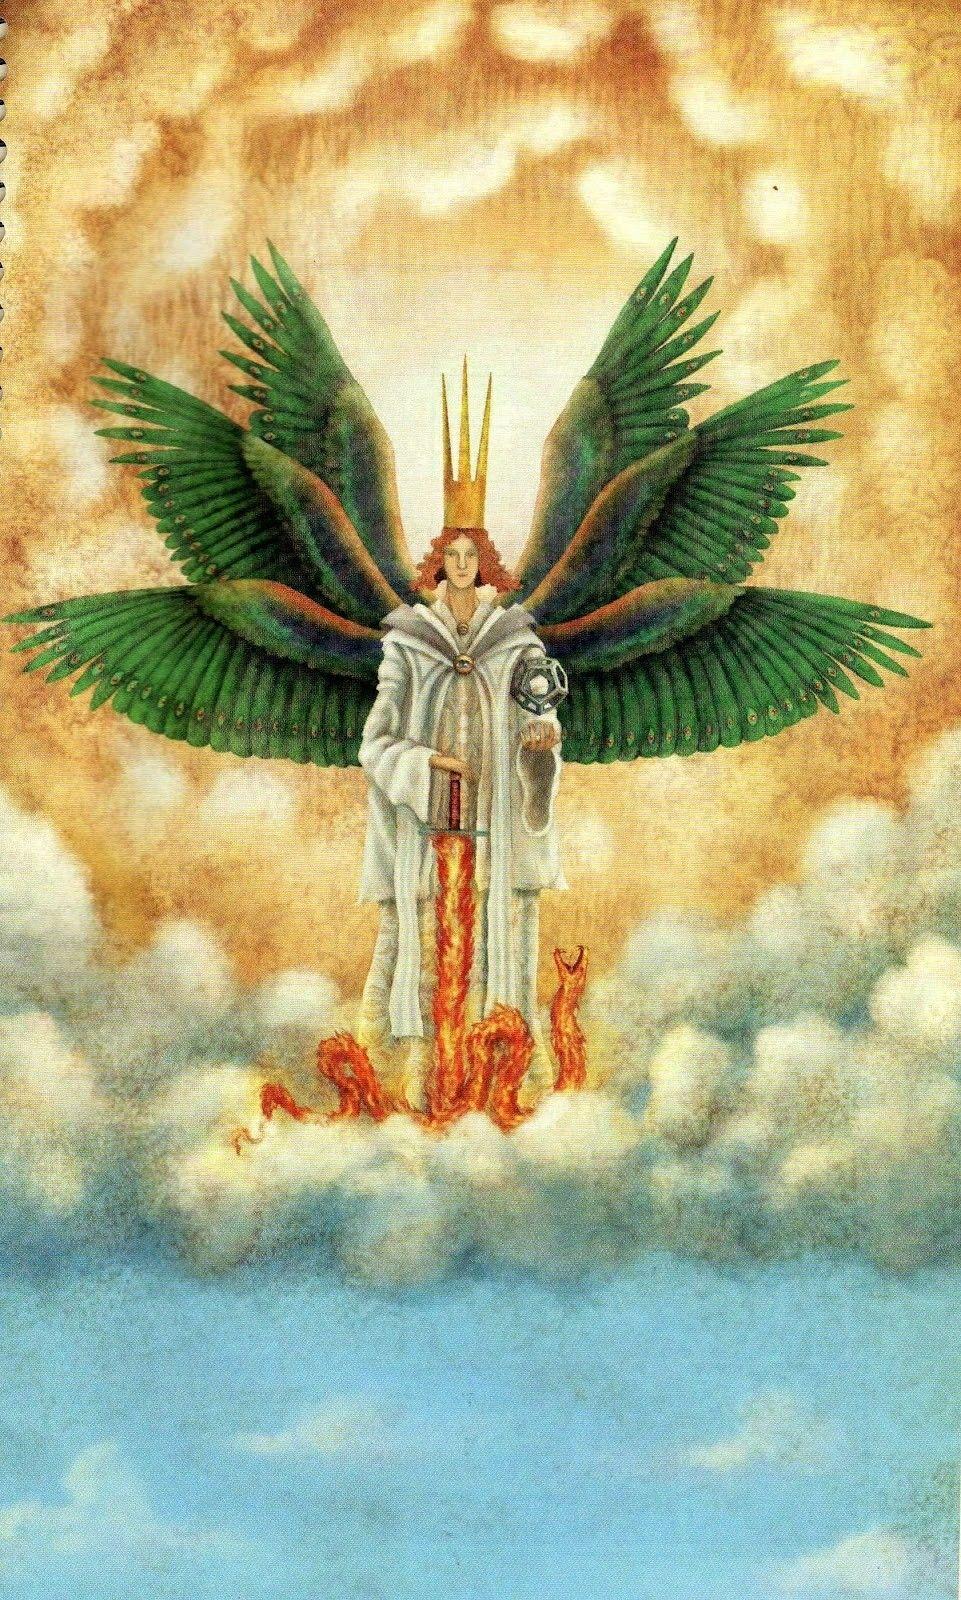 Que Nos Dice La Biblia Acerca De Los Serafines Serafines Angeles Querubines Imagenes De Angeles